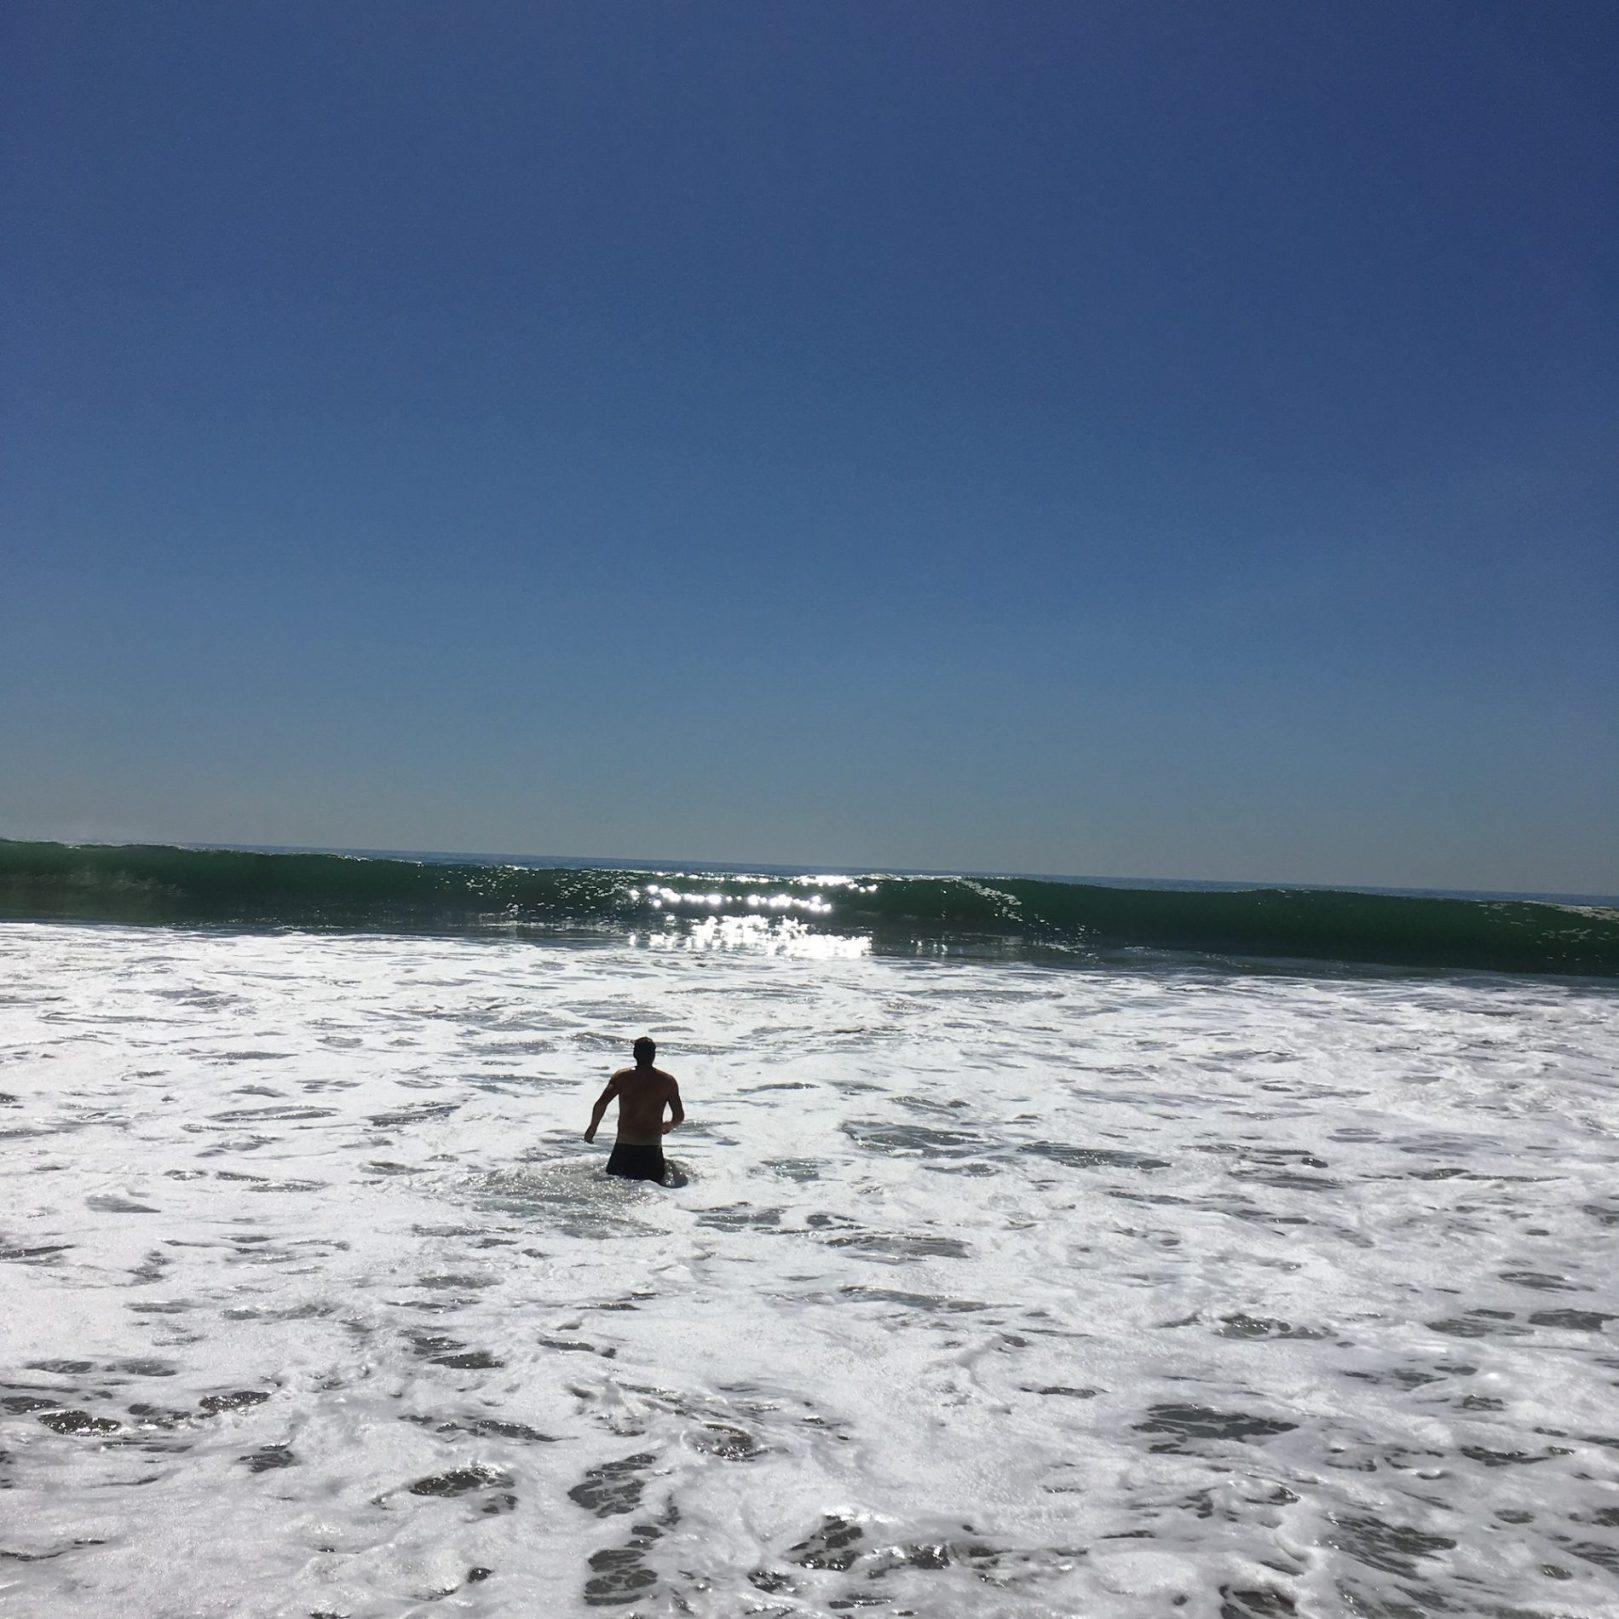 A man at El Matador State Beach, Photo by Sooim Kim